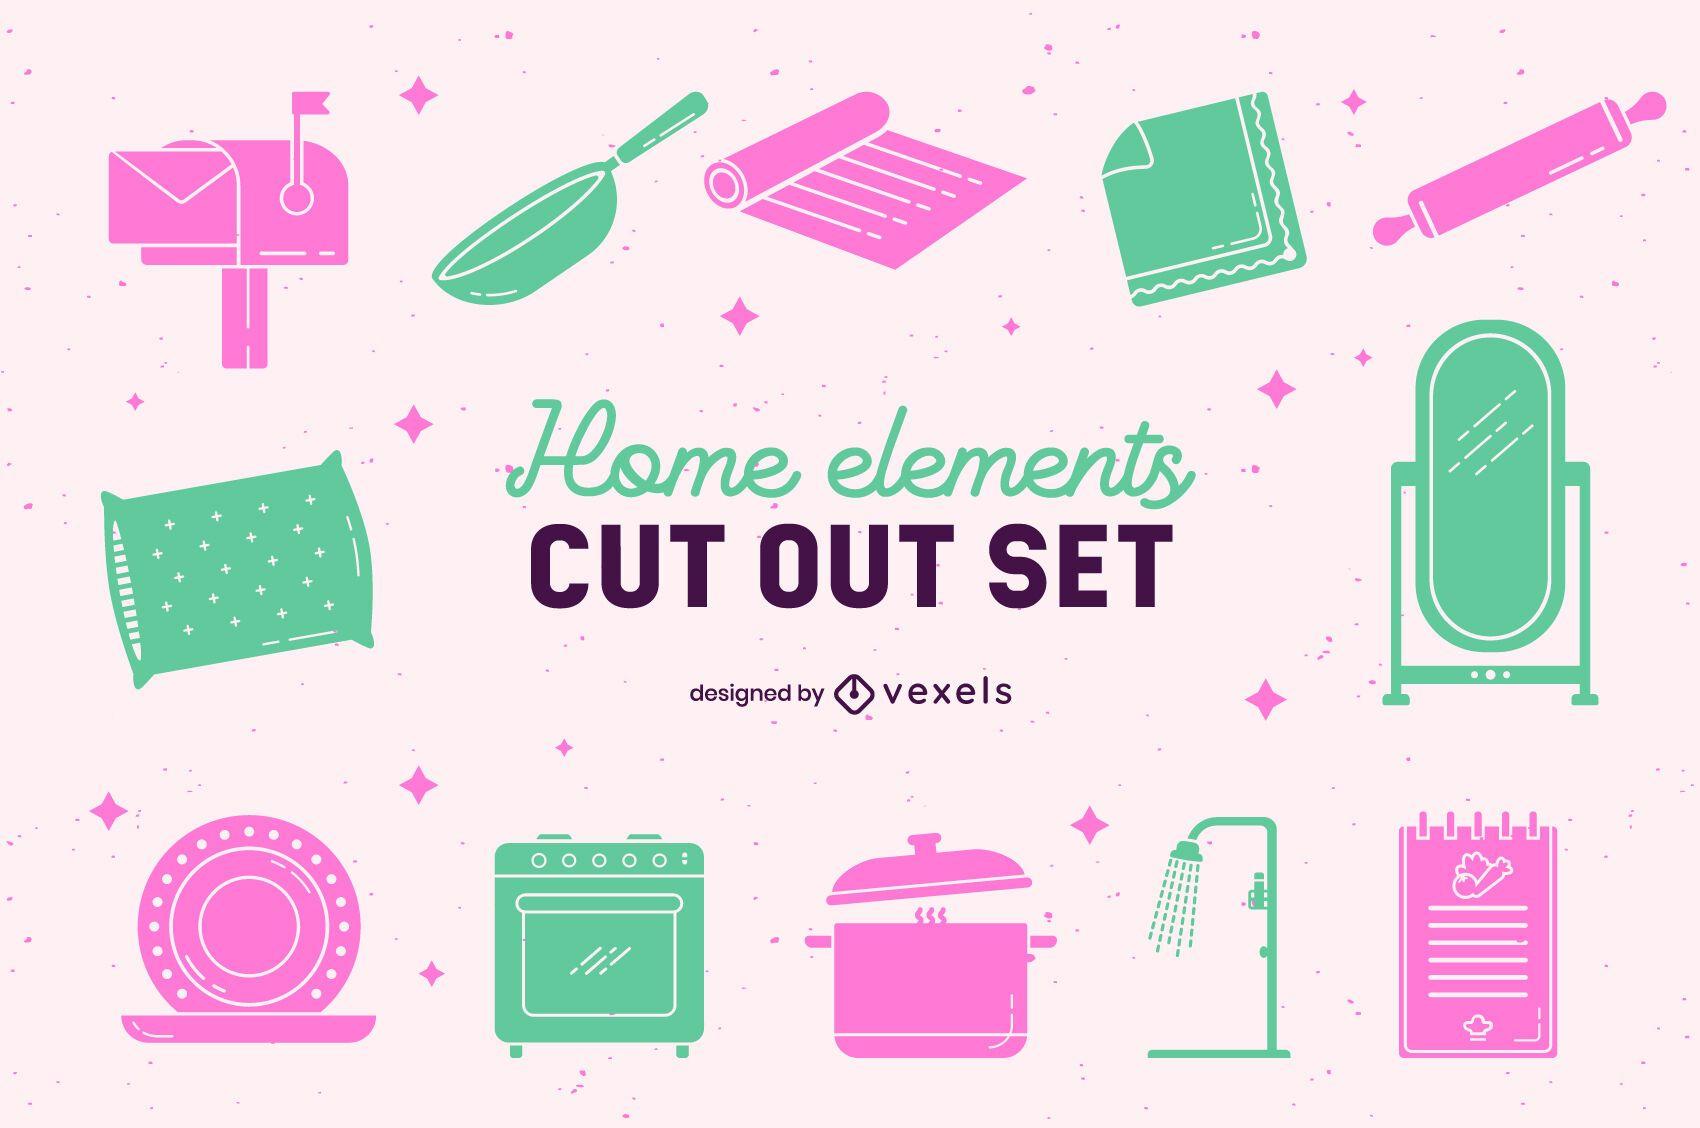 Home elements cut out set